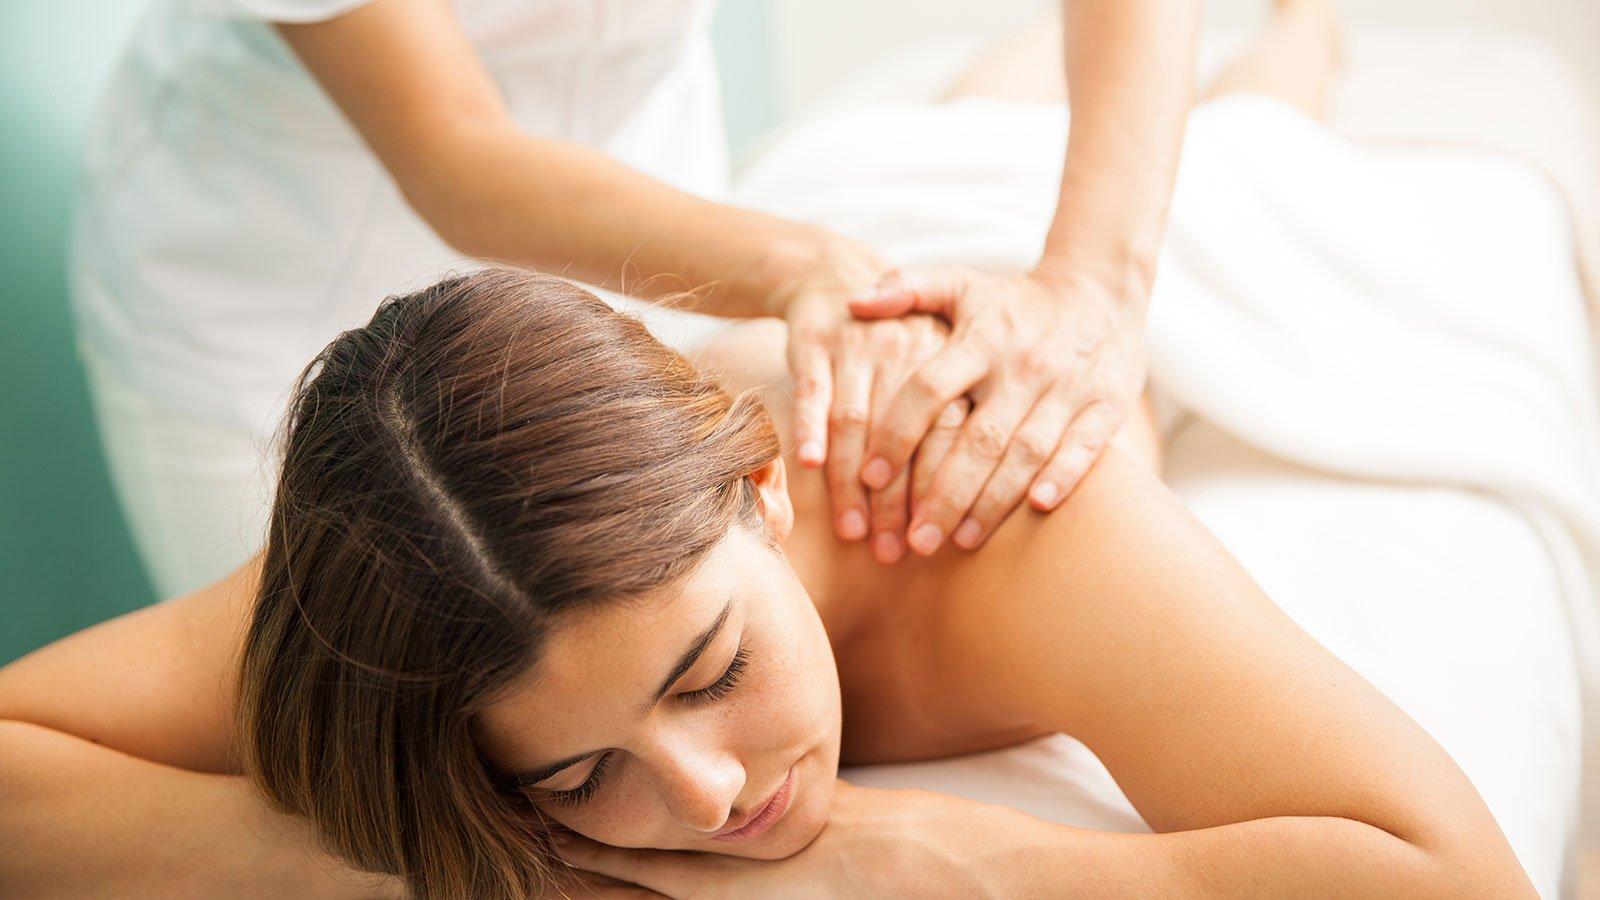 Due mani di una donna mentre fanno un massaggio alla spalla di una donna sdraiata su un lettino